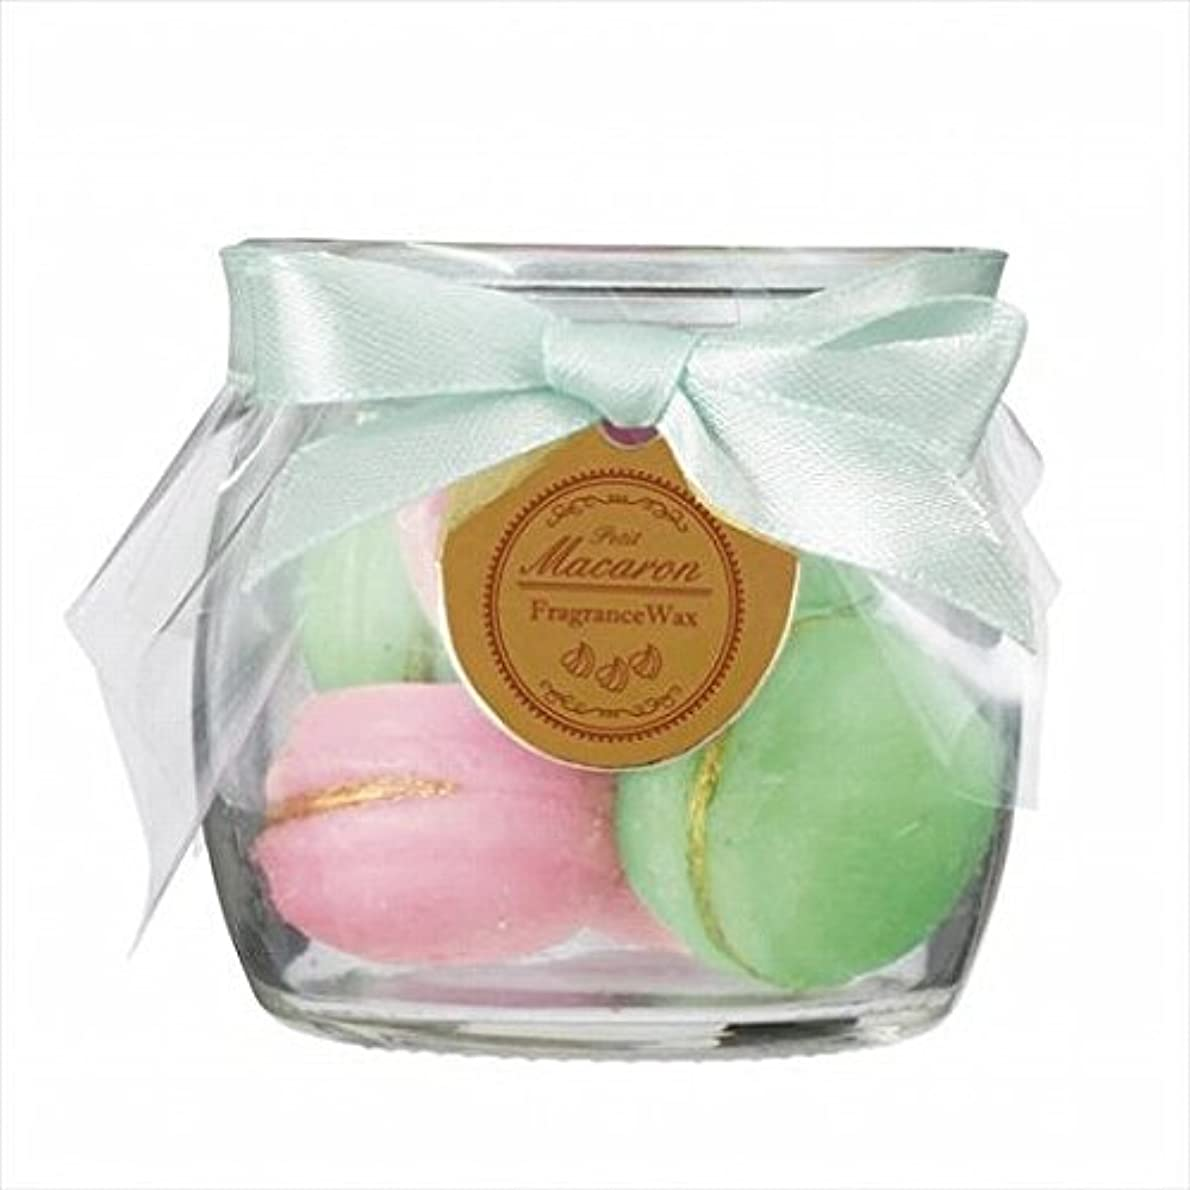 全能薄いですうなるsweets candle(スイーツキャンドル) プチマカロンフレグランス 「 レモン 」 キャンドル 60x60x56mm (A3160530)